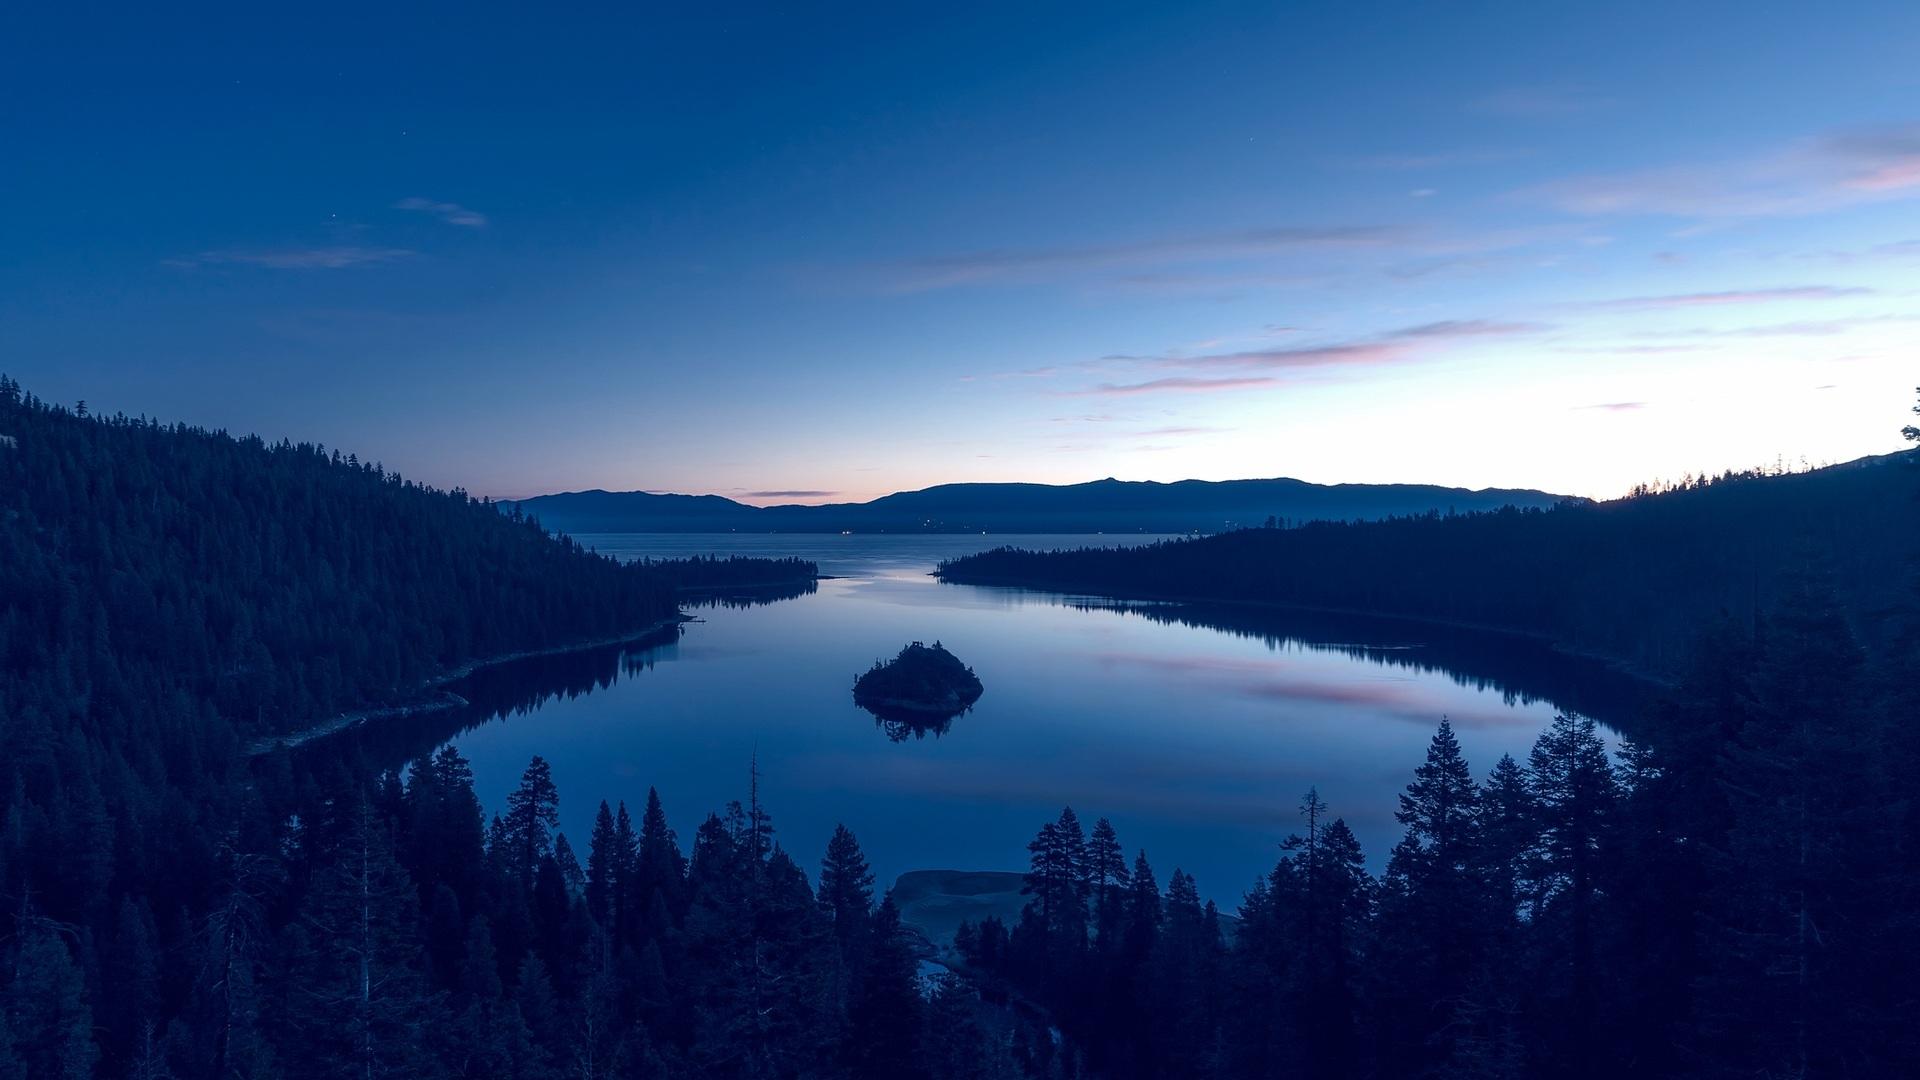 1920x1080 Lake Tahoe Laptop Full Hd 1080p Hd 4k Wallpapers